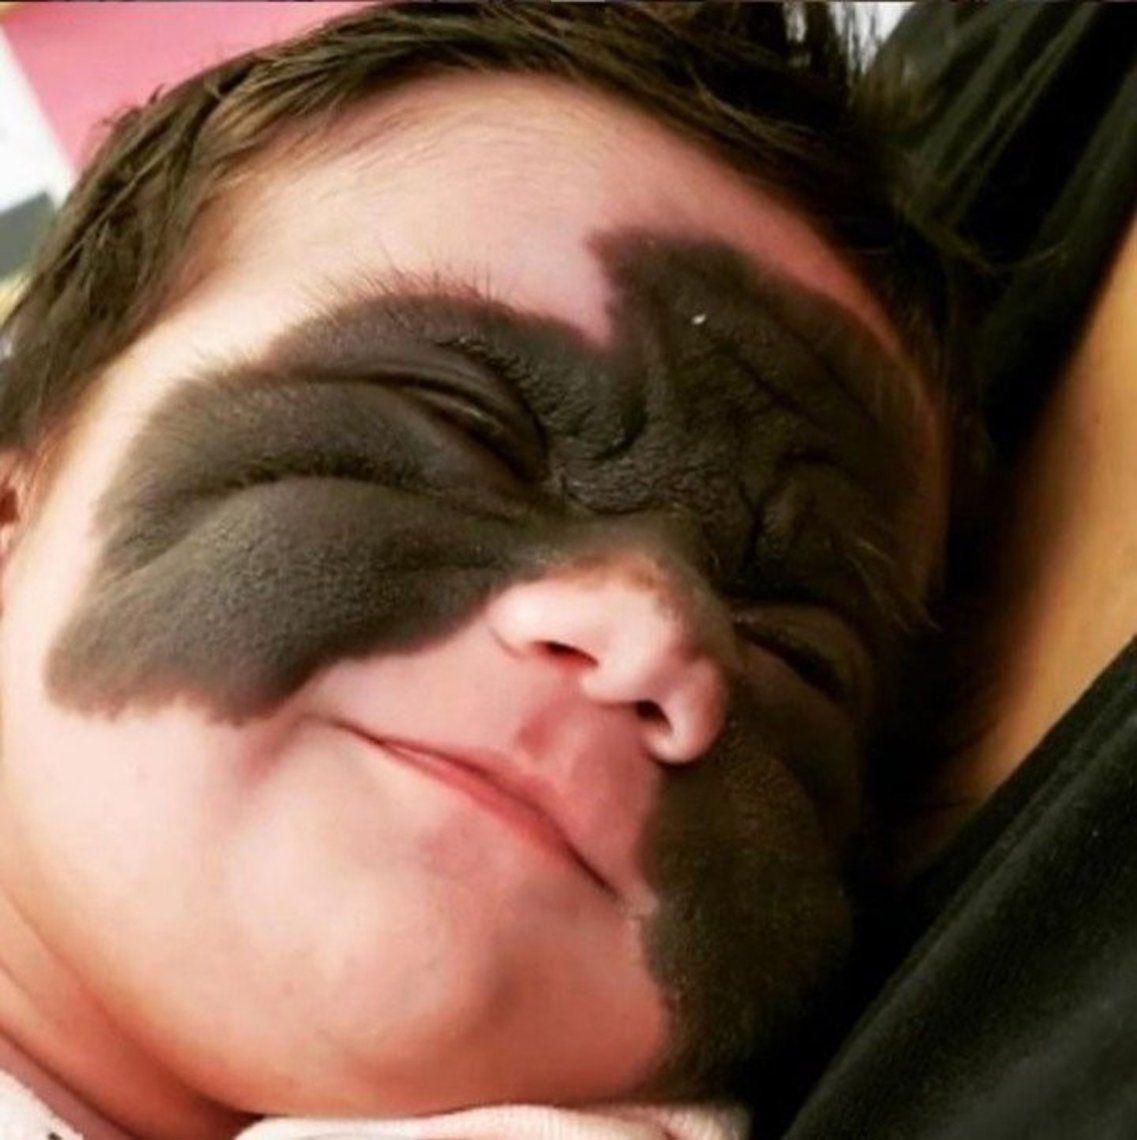 La llamaron bebé monstruo y ella les responde con las fotos más tiernas